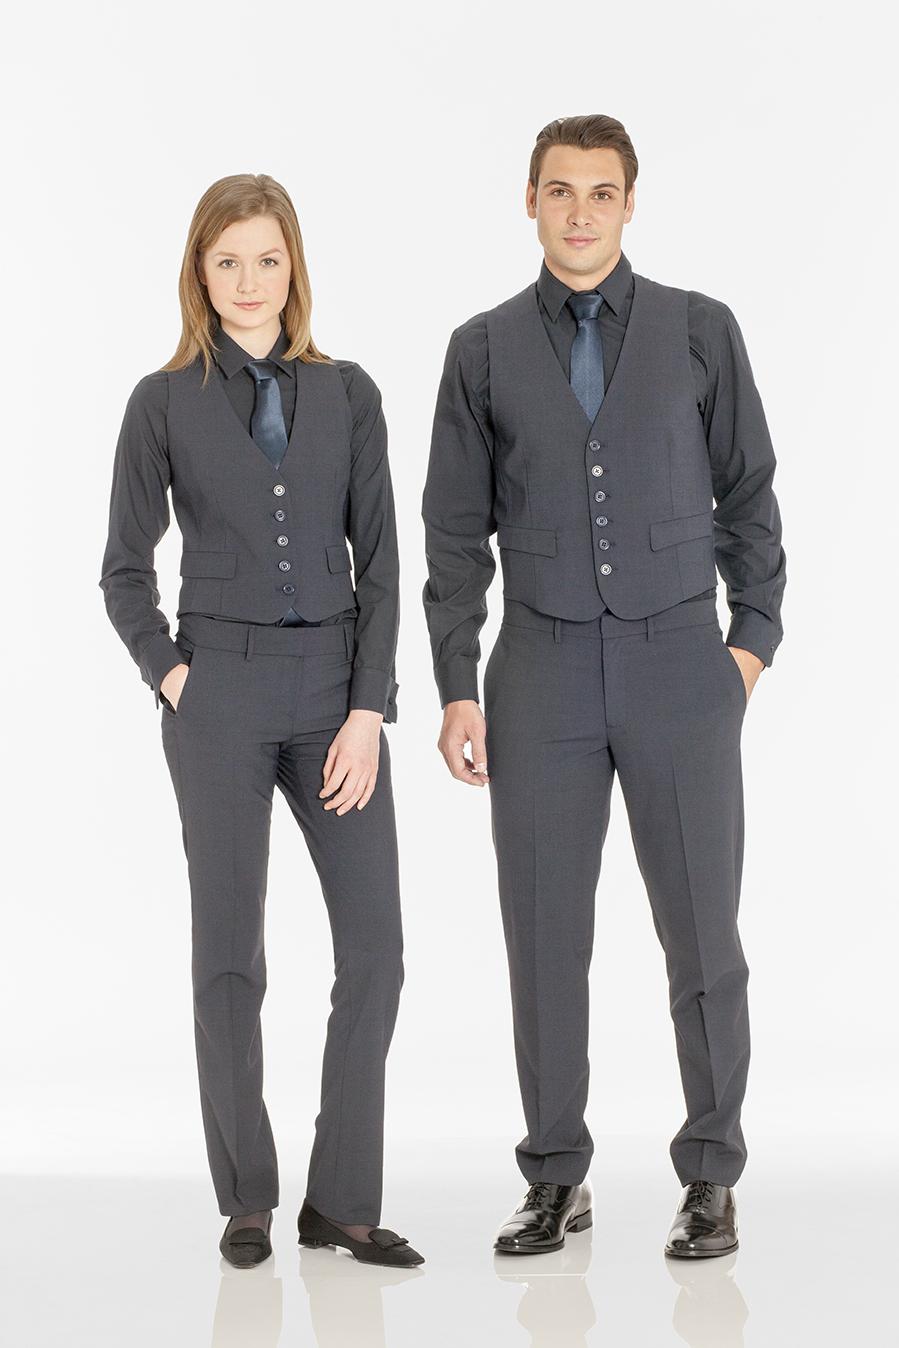 Vest 1125/1211 Shirt 508/1052 Pant 125/297 Tie 1422